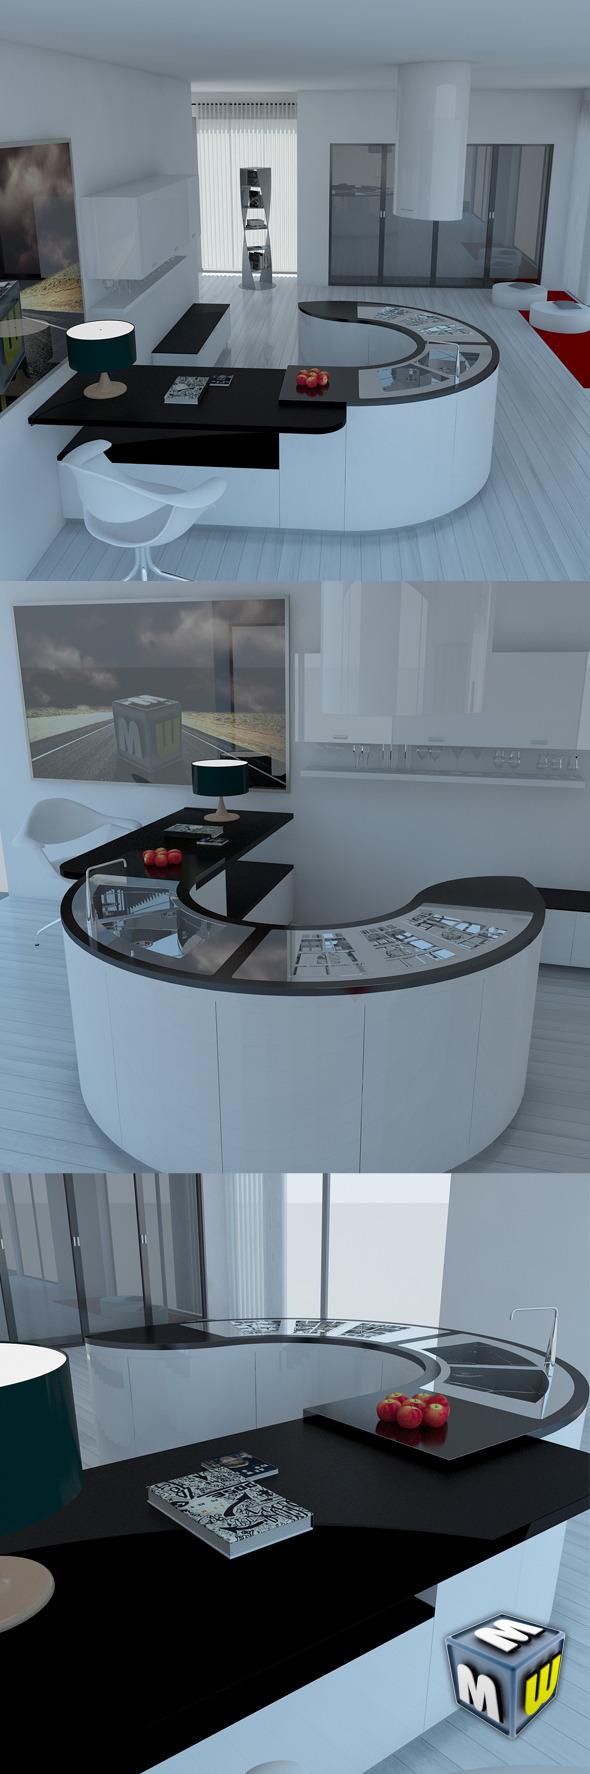 Kitchen Modern 2 MAX 2011